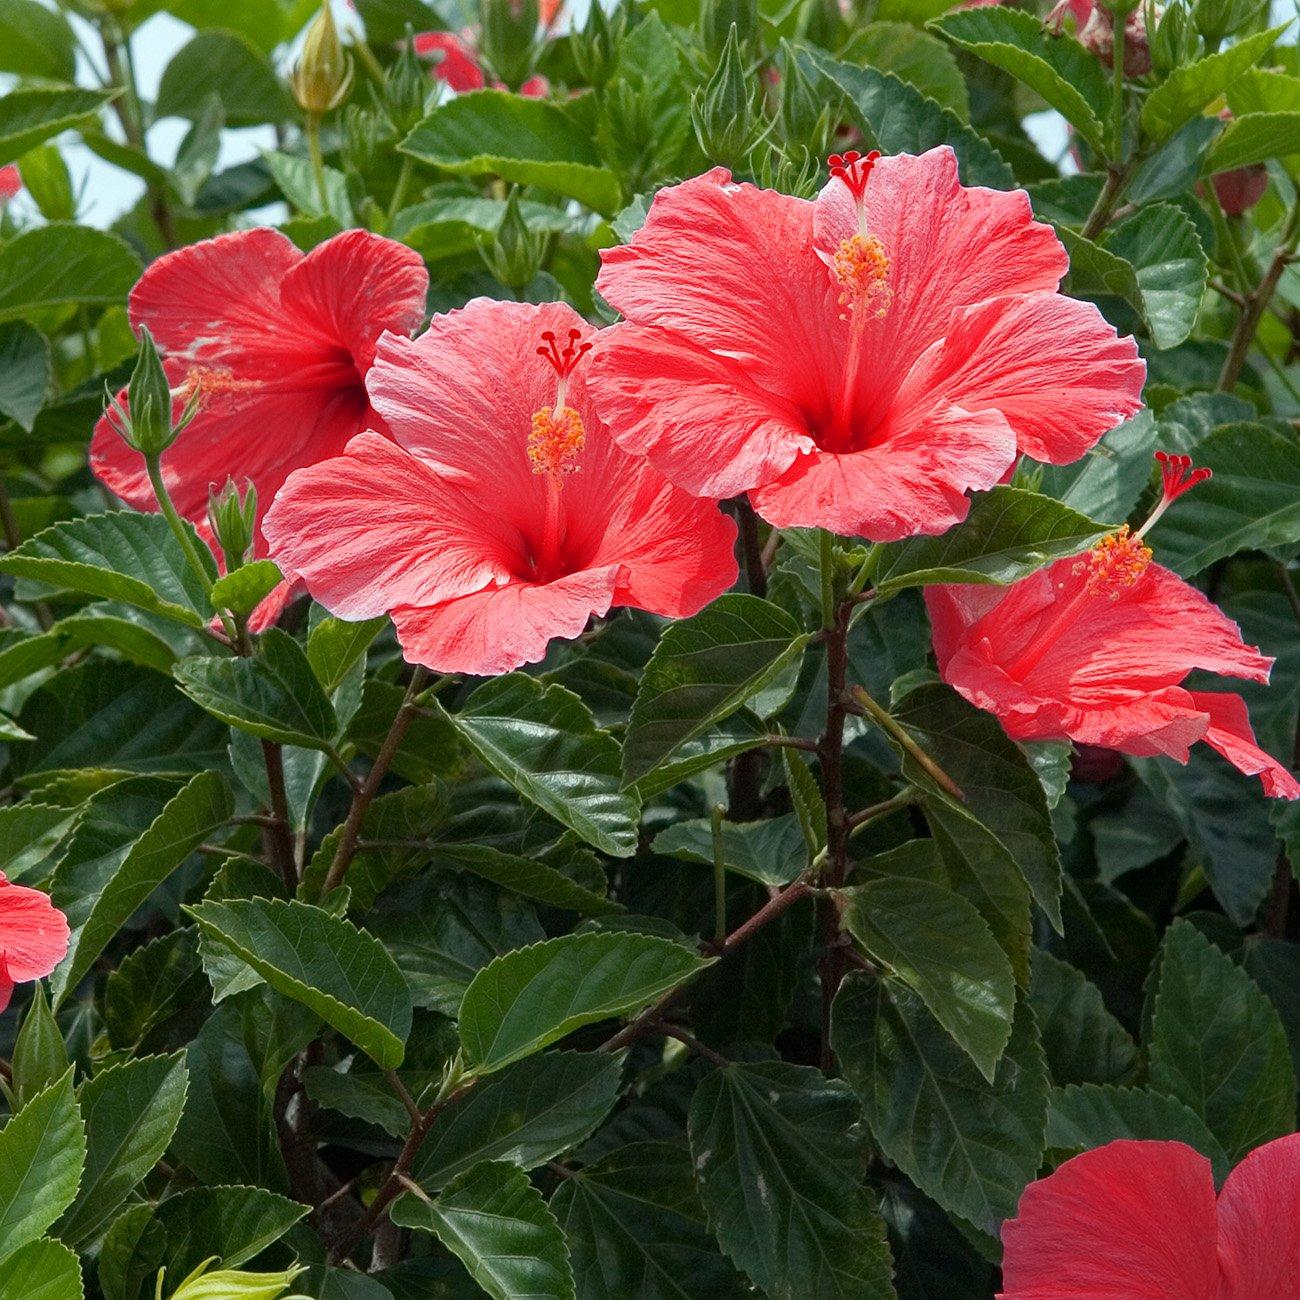 Amazon van zyverden hibiscus s lucy red flower bulbs garden amazon van zyverden hibiscus s lucy red flower bulbs garden outdoor izmirmasajfo